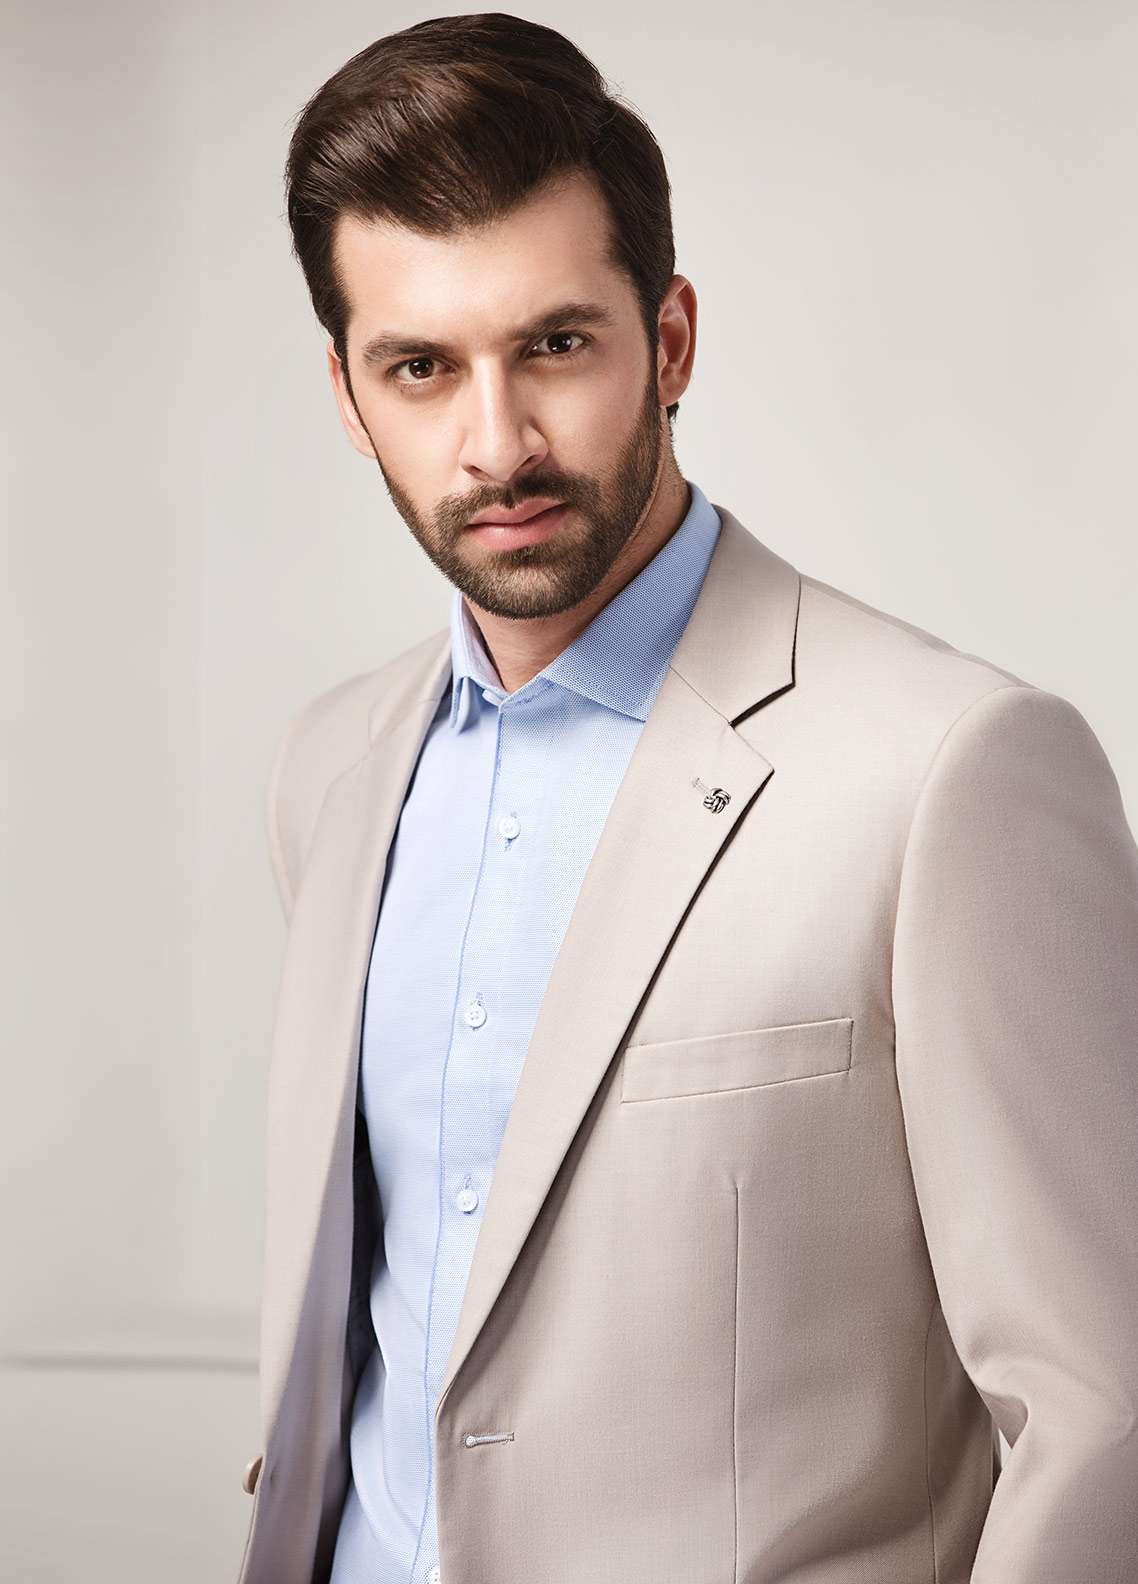 Edenrobe Cotton Formal Suits for Men - Beige EDM18FS 8097